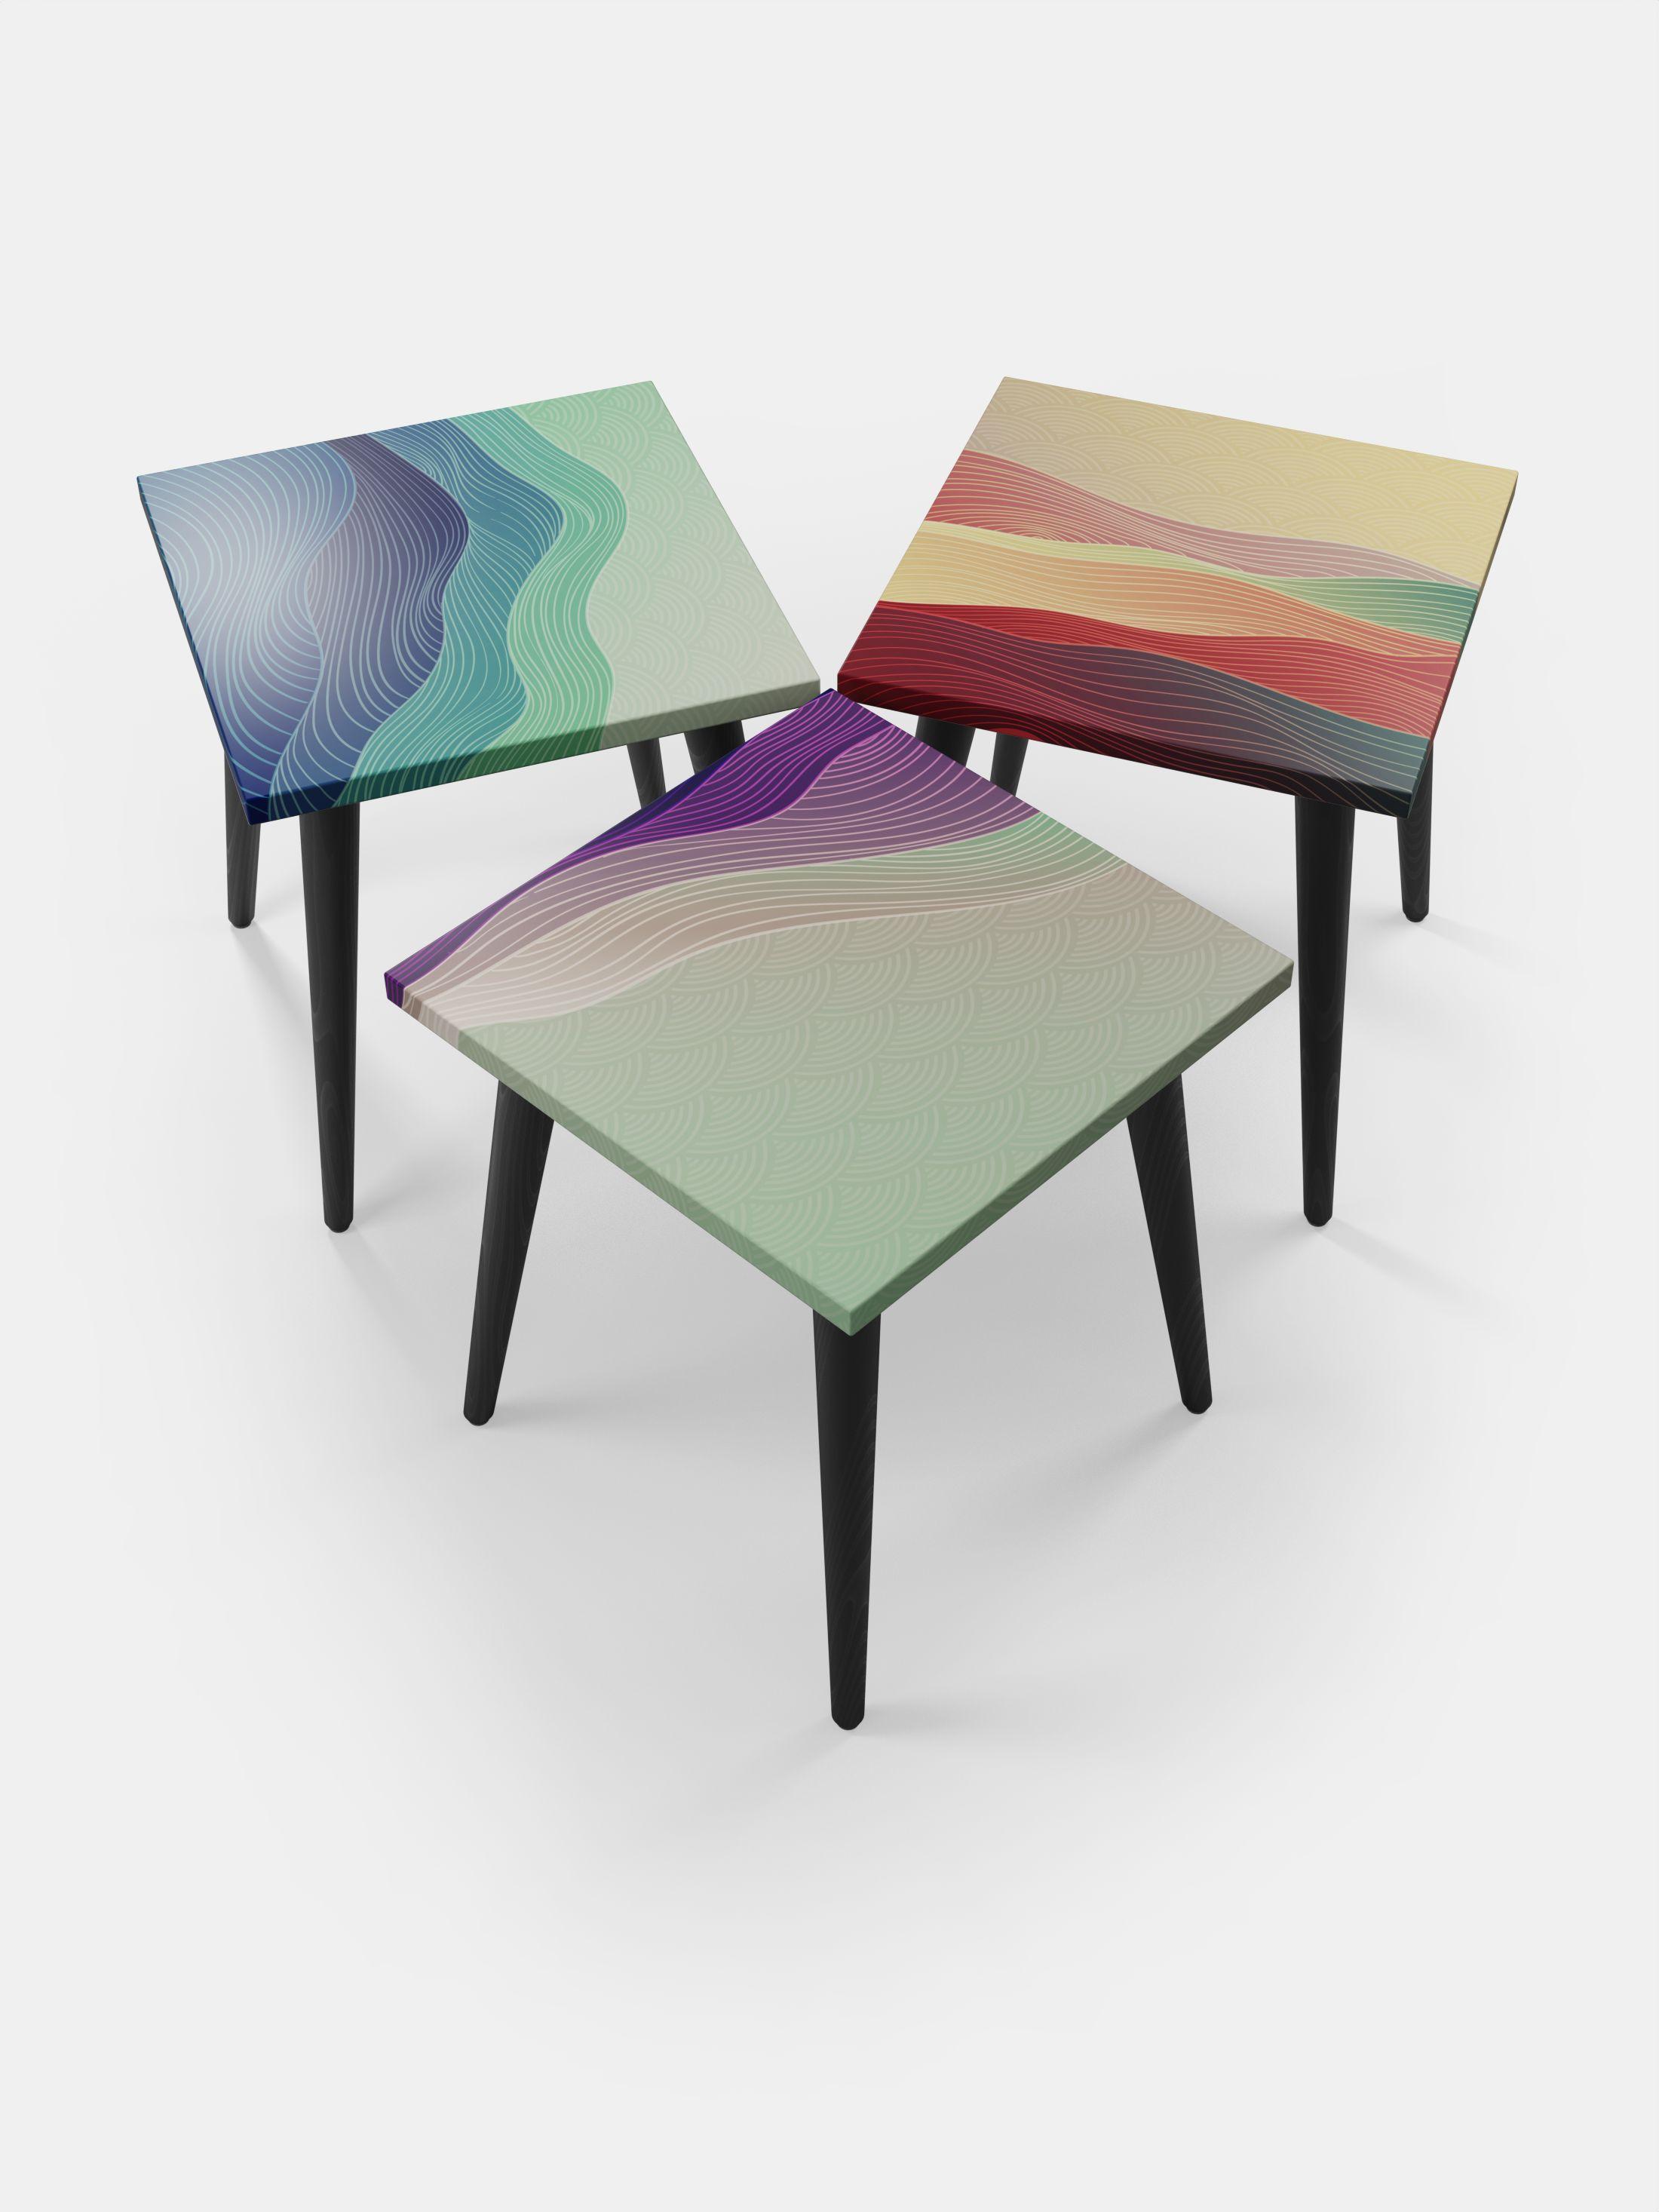 vierkante bijzettafels met jouw design